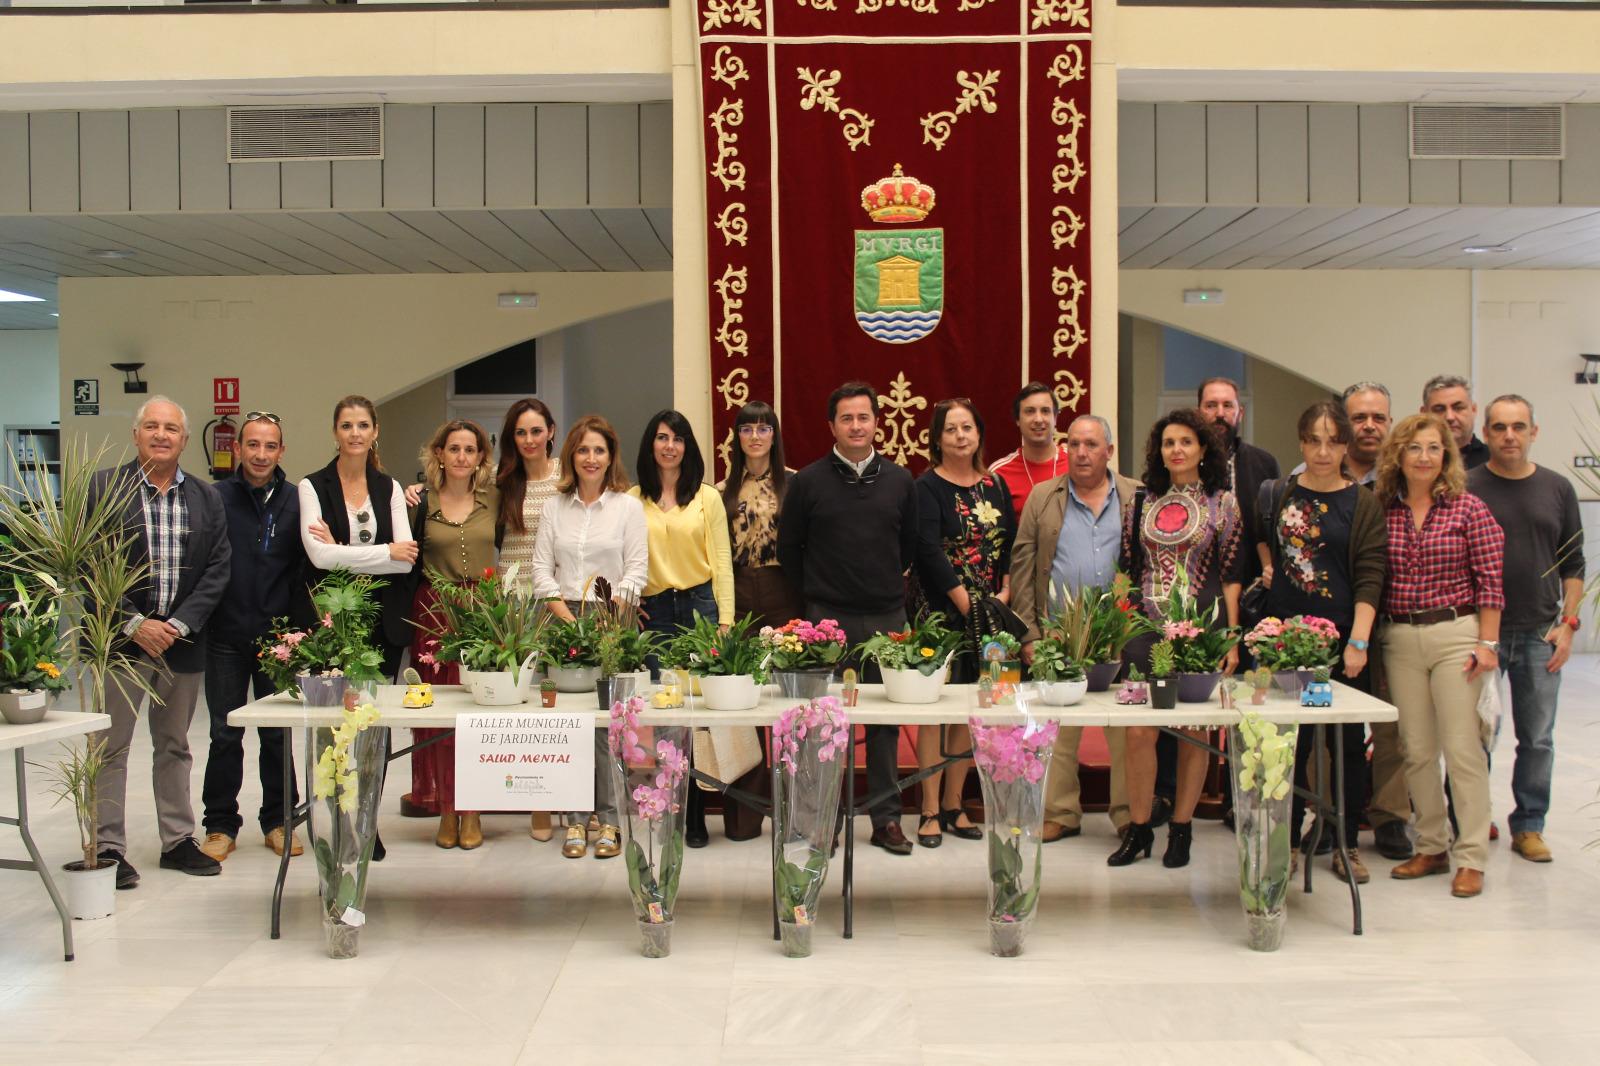 El Patio de Luces acoge la exposición de los trabajos que han realizado durante el año los usuarios del Taller de Jardinería de Salud Mental